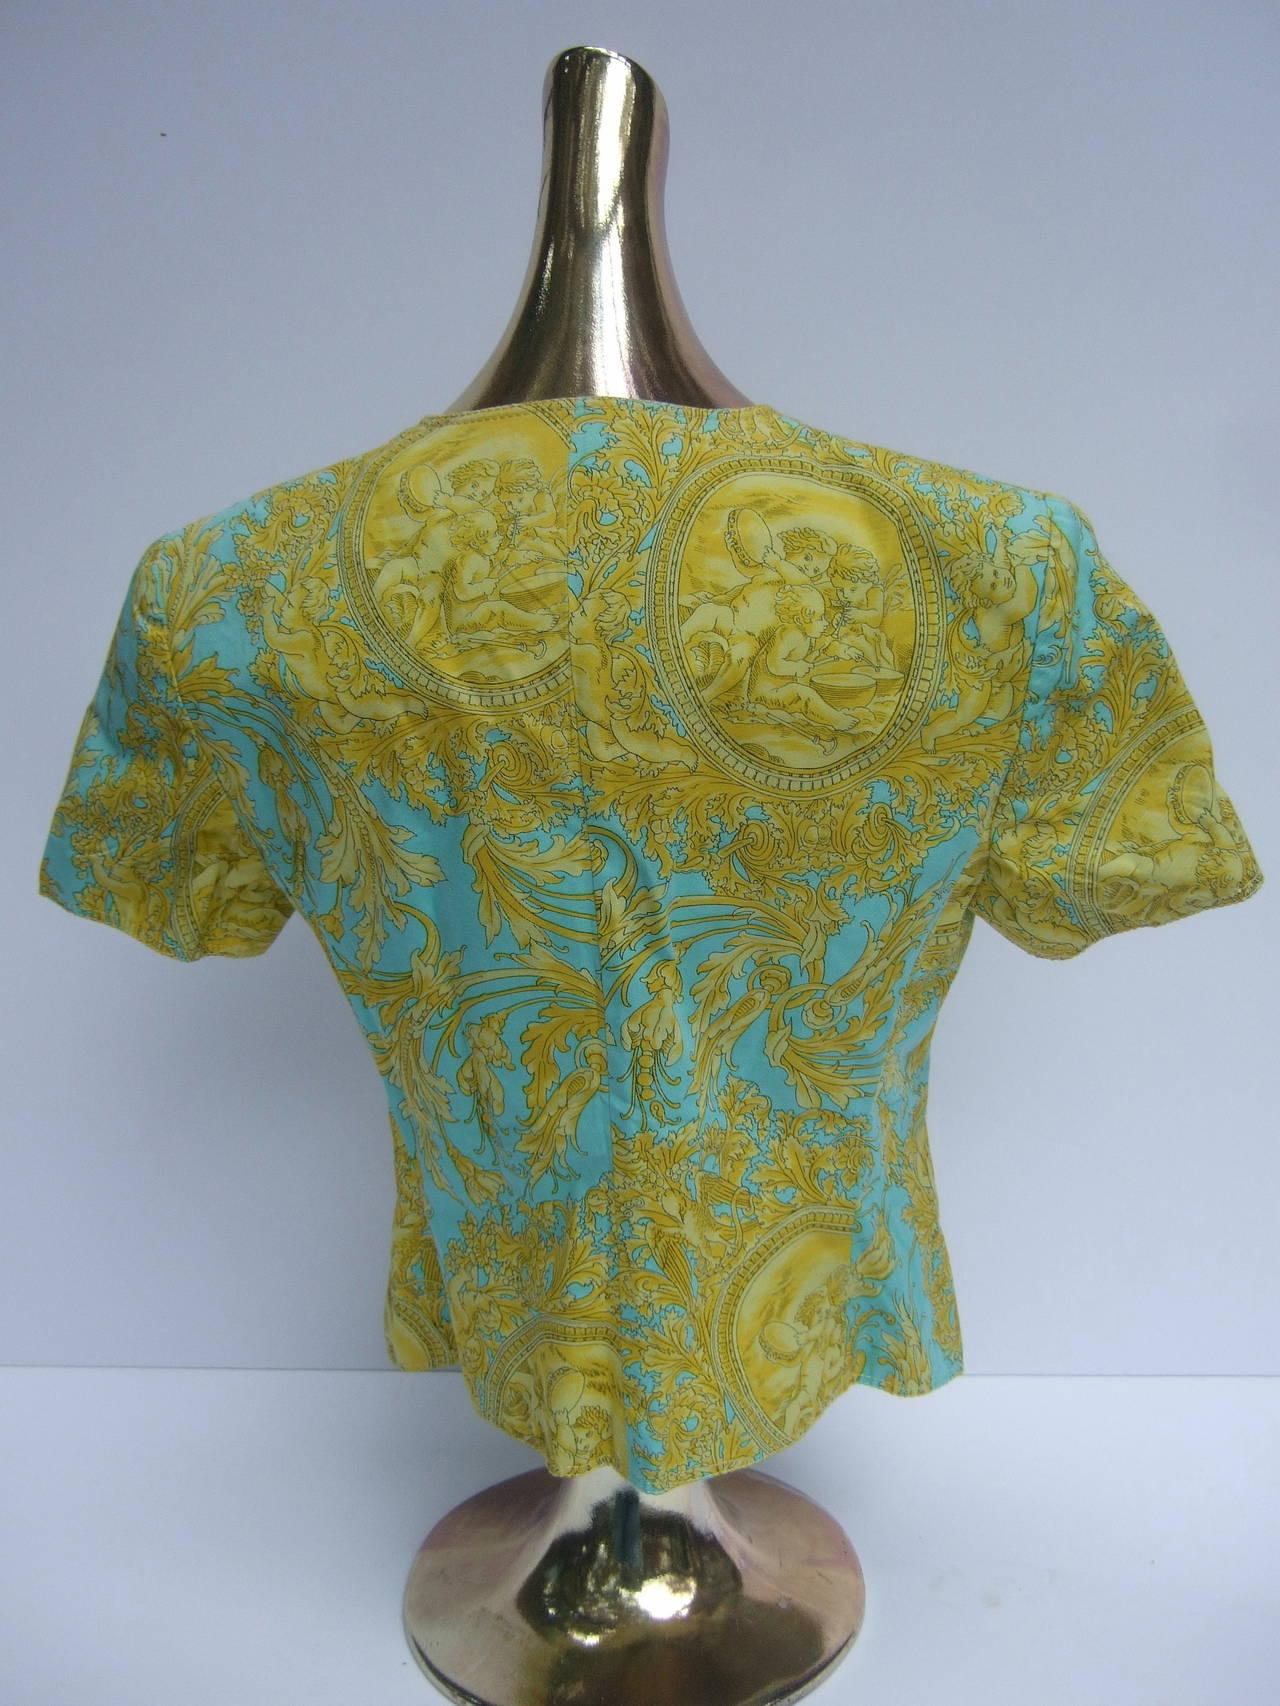 Versace Vibrant Print Medusa Button Cotton Jacket US Size 10 For Sale 2